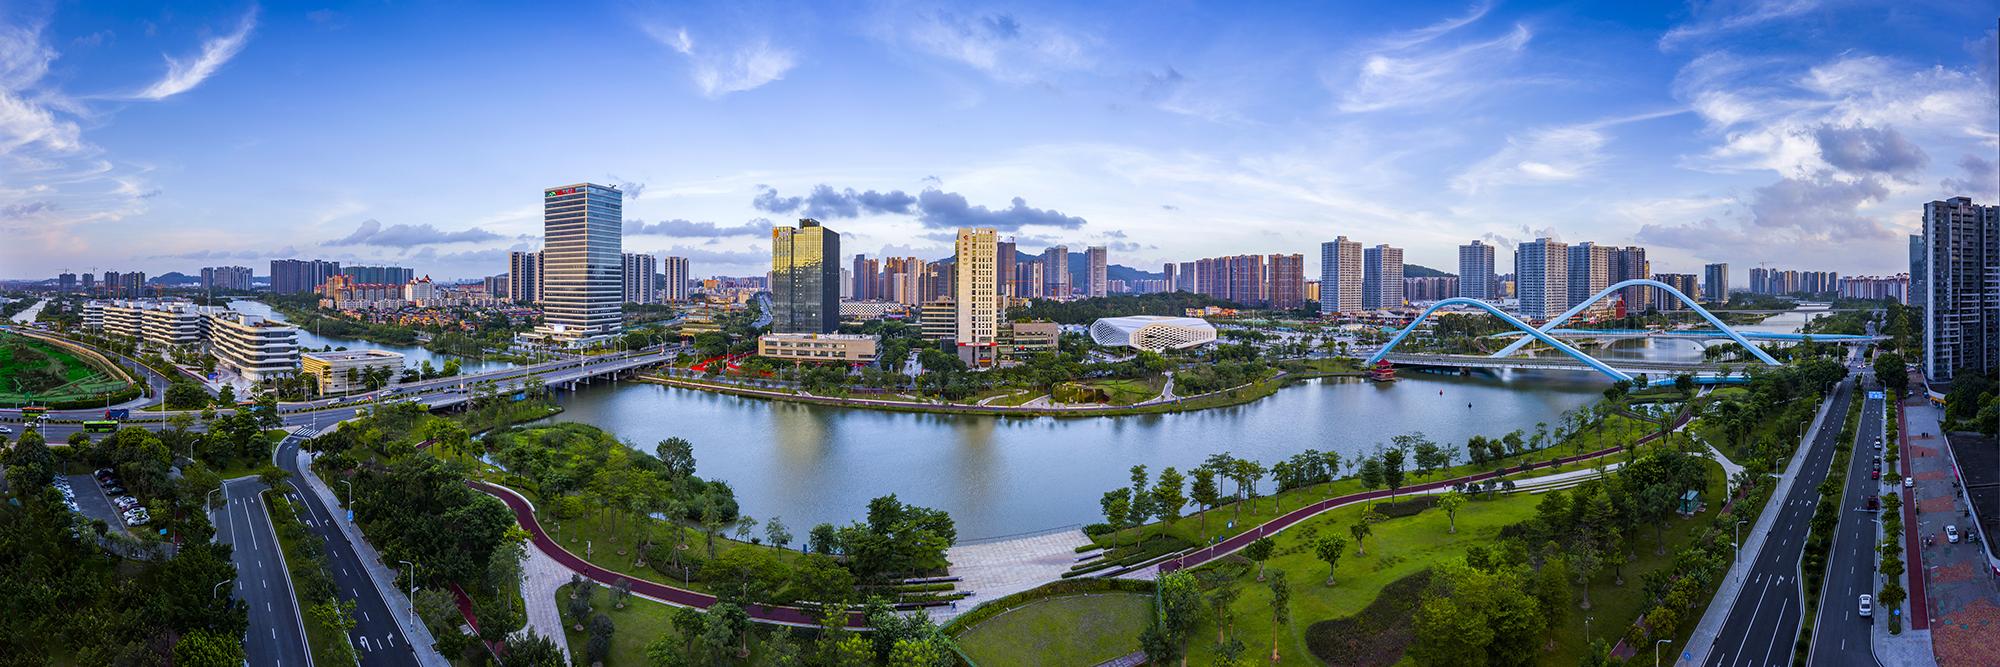 美丽蕉门河 来源:广州市水务局